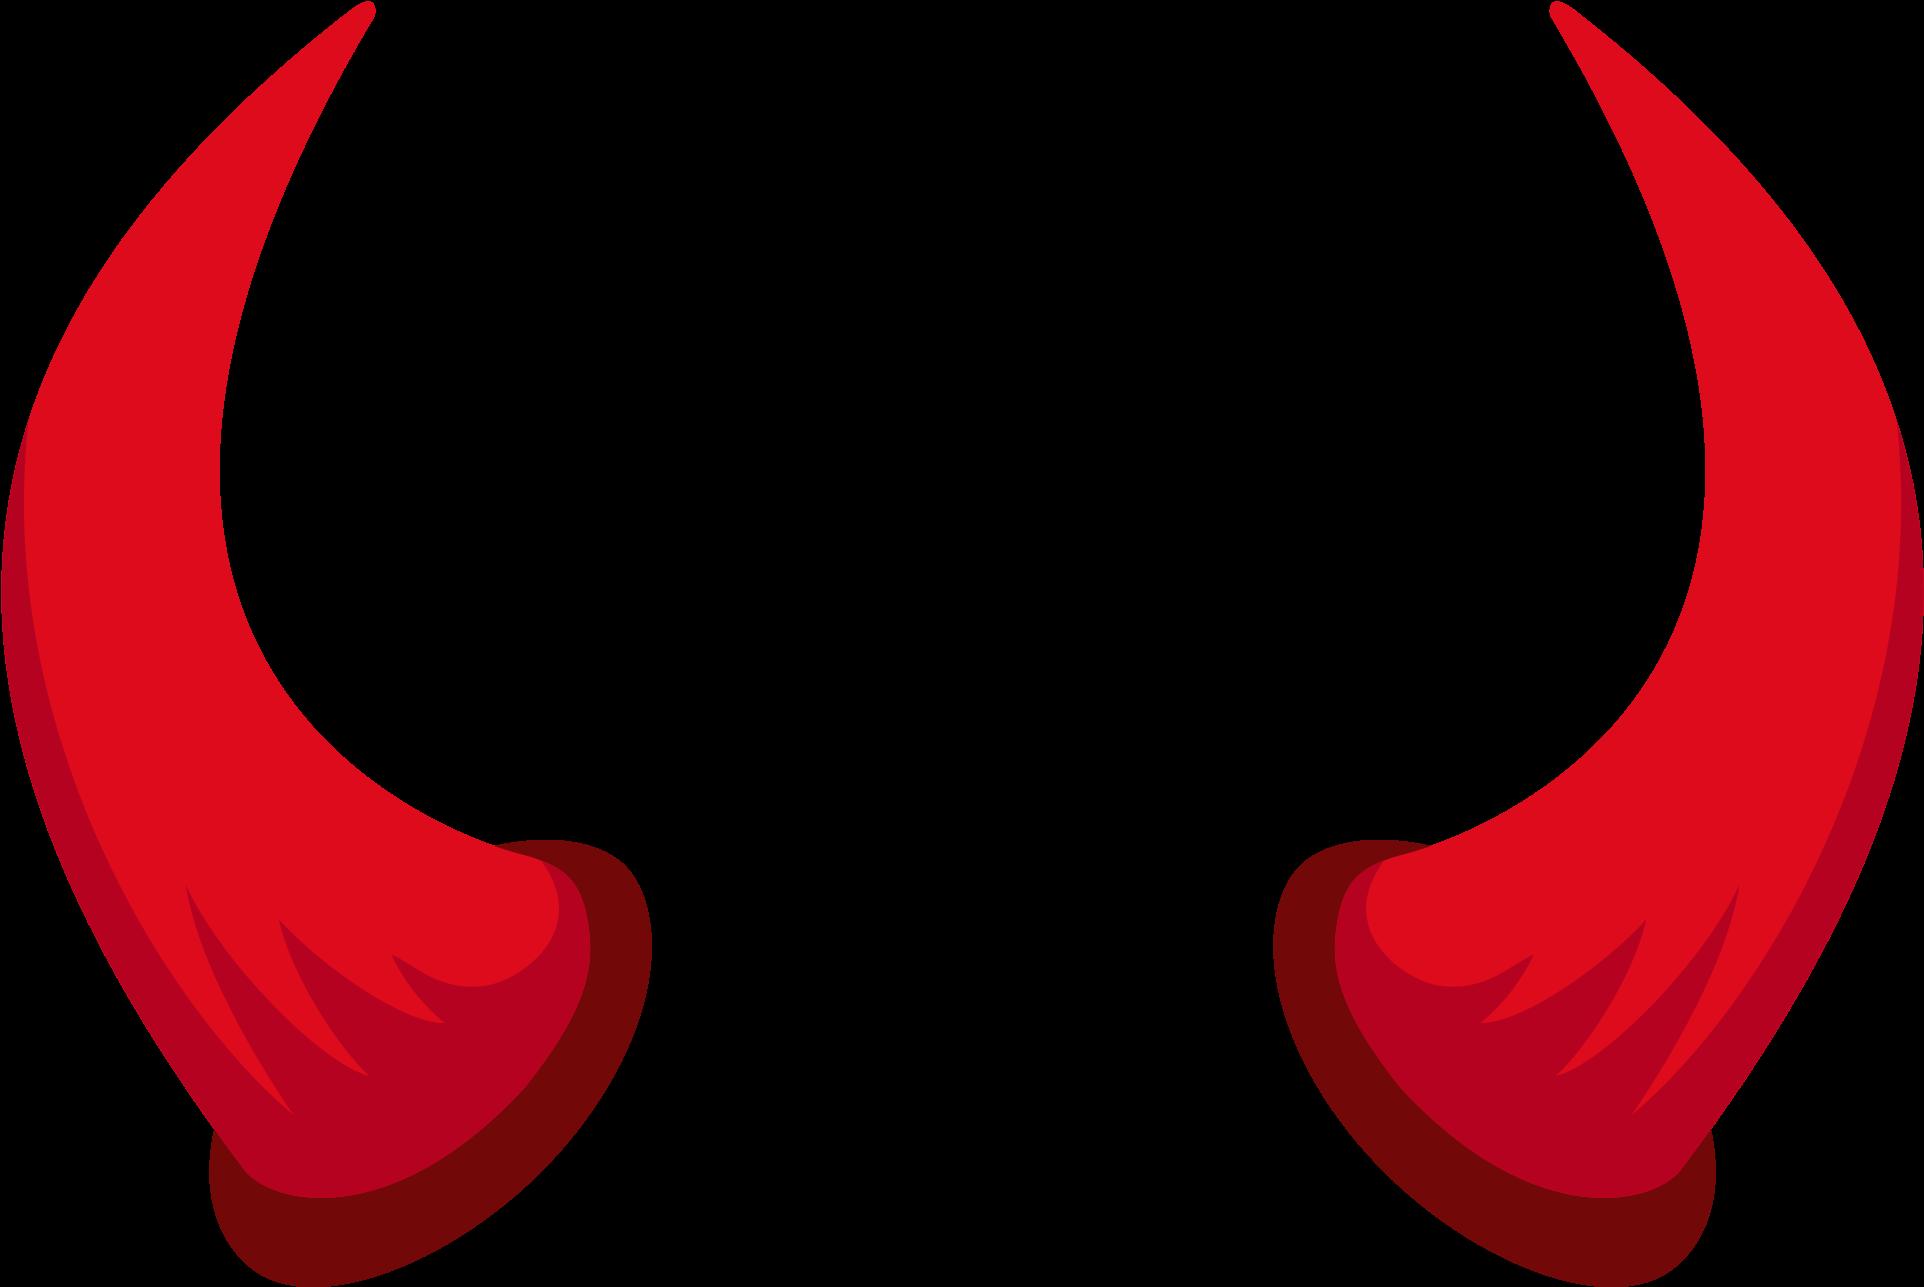 Download Devil Jpg Library Download Huge Freebie - Devil ...